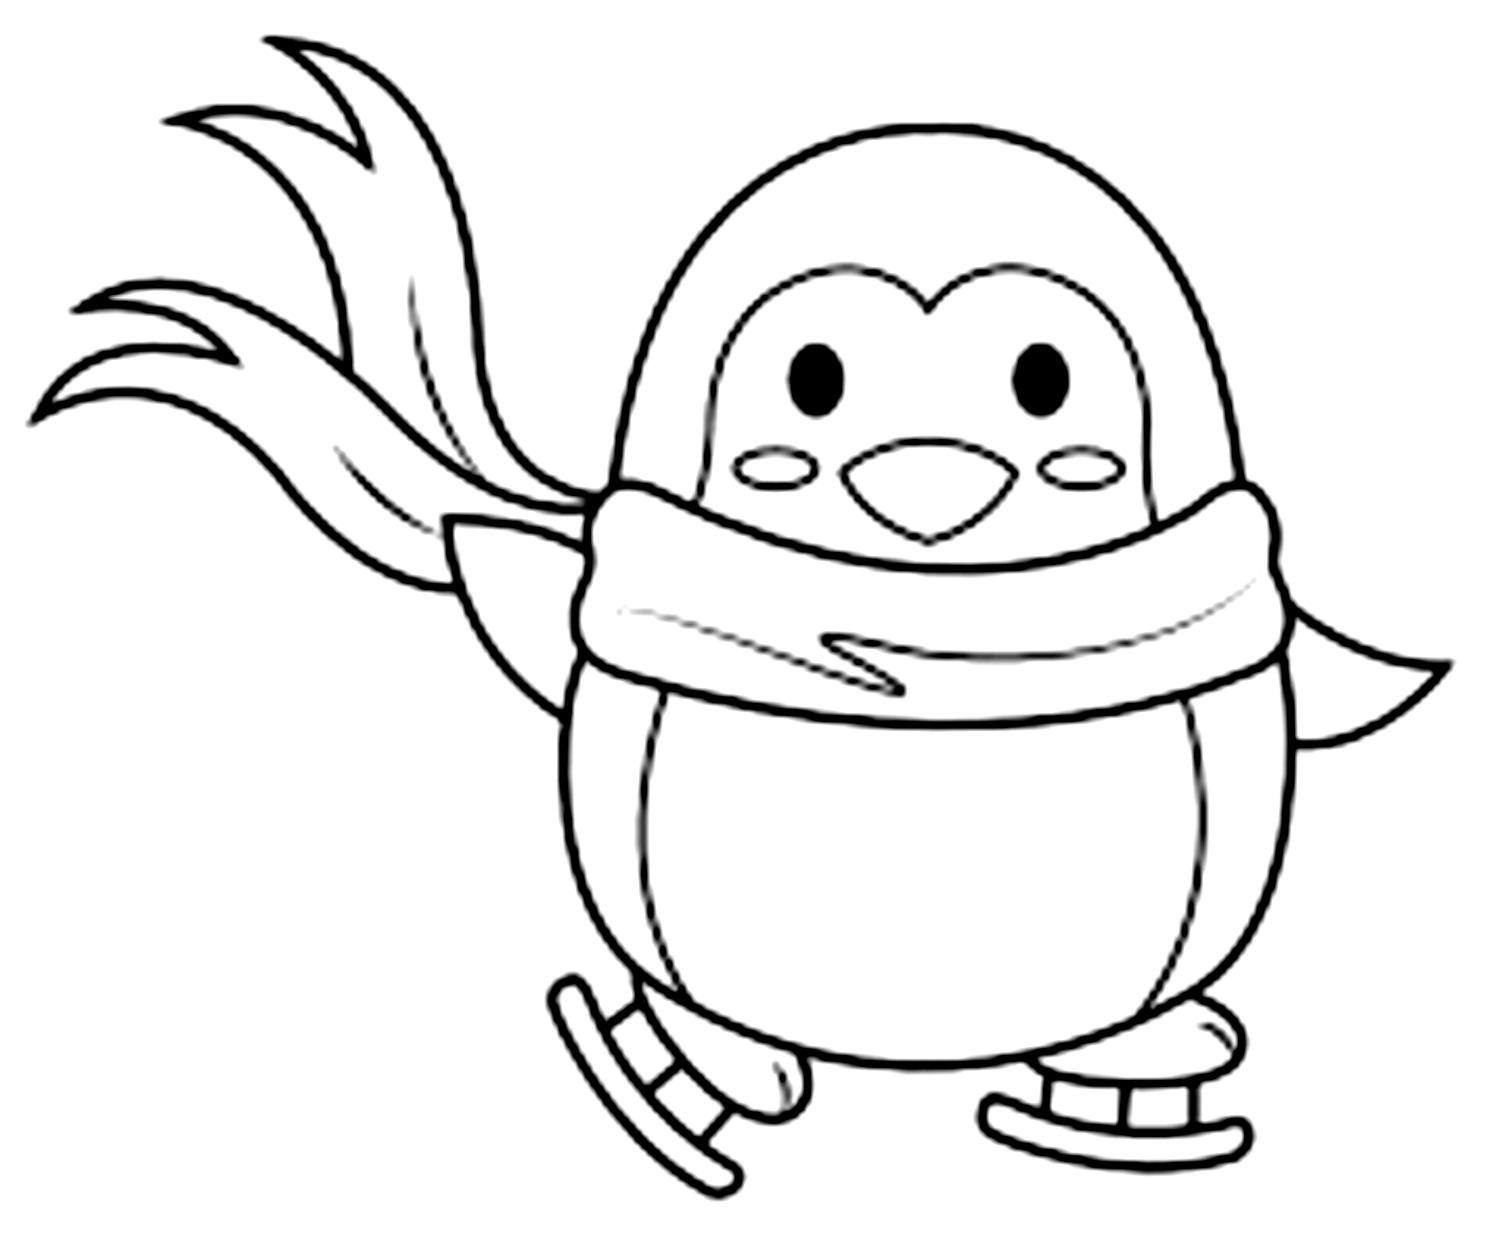 Ausmalbilder 30 von Pinguine